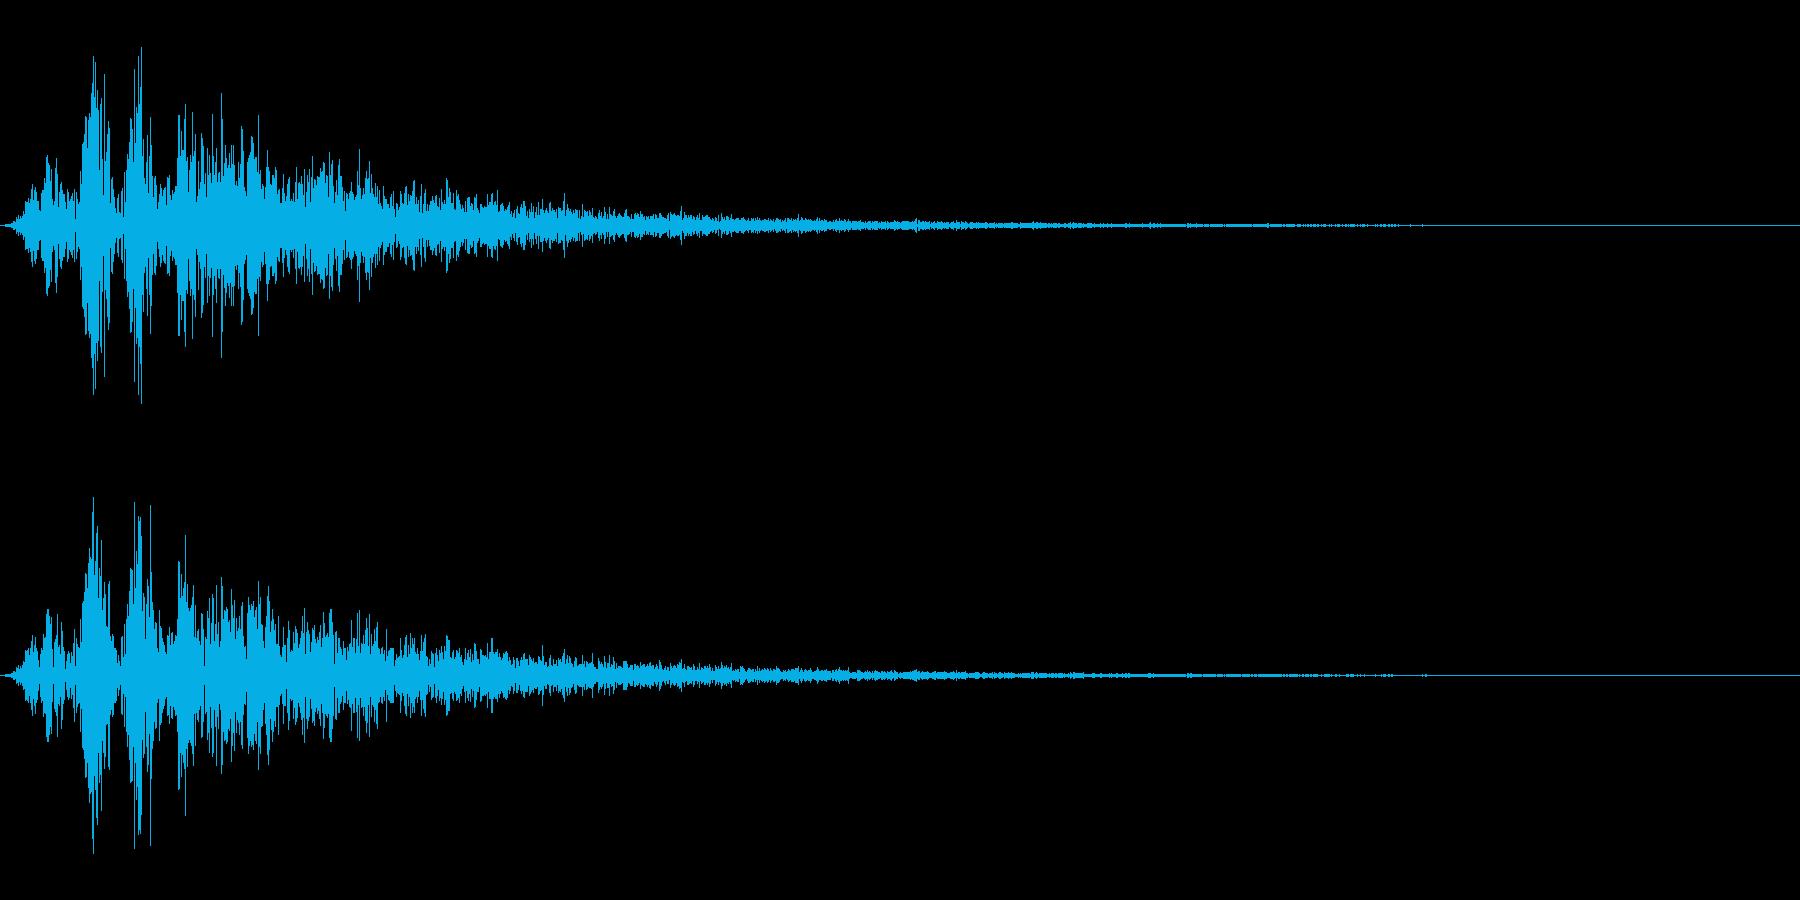 毒魔法/状態異常/バッドステータスの再生済みの波形